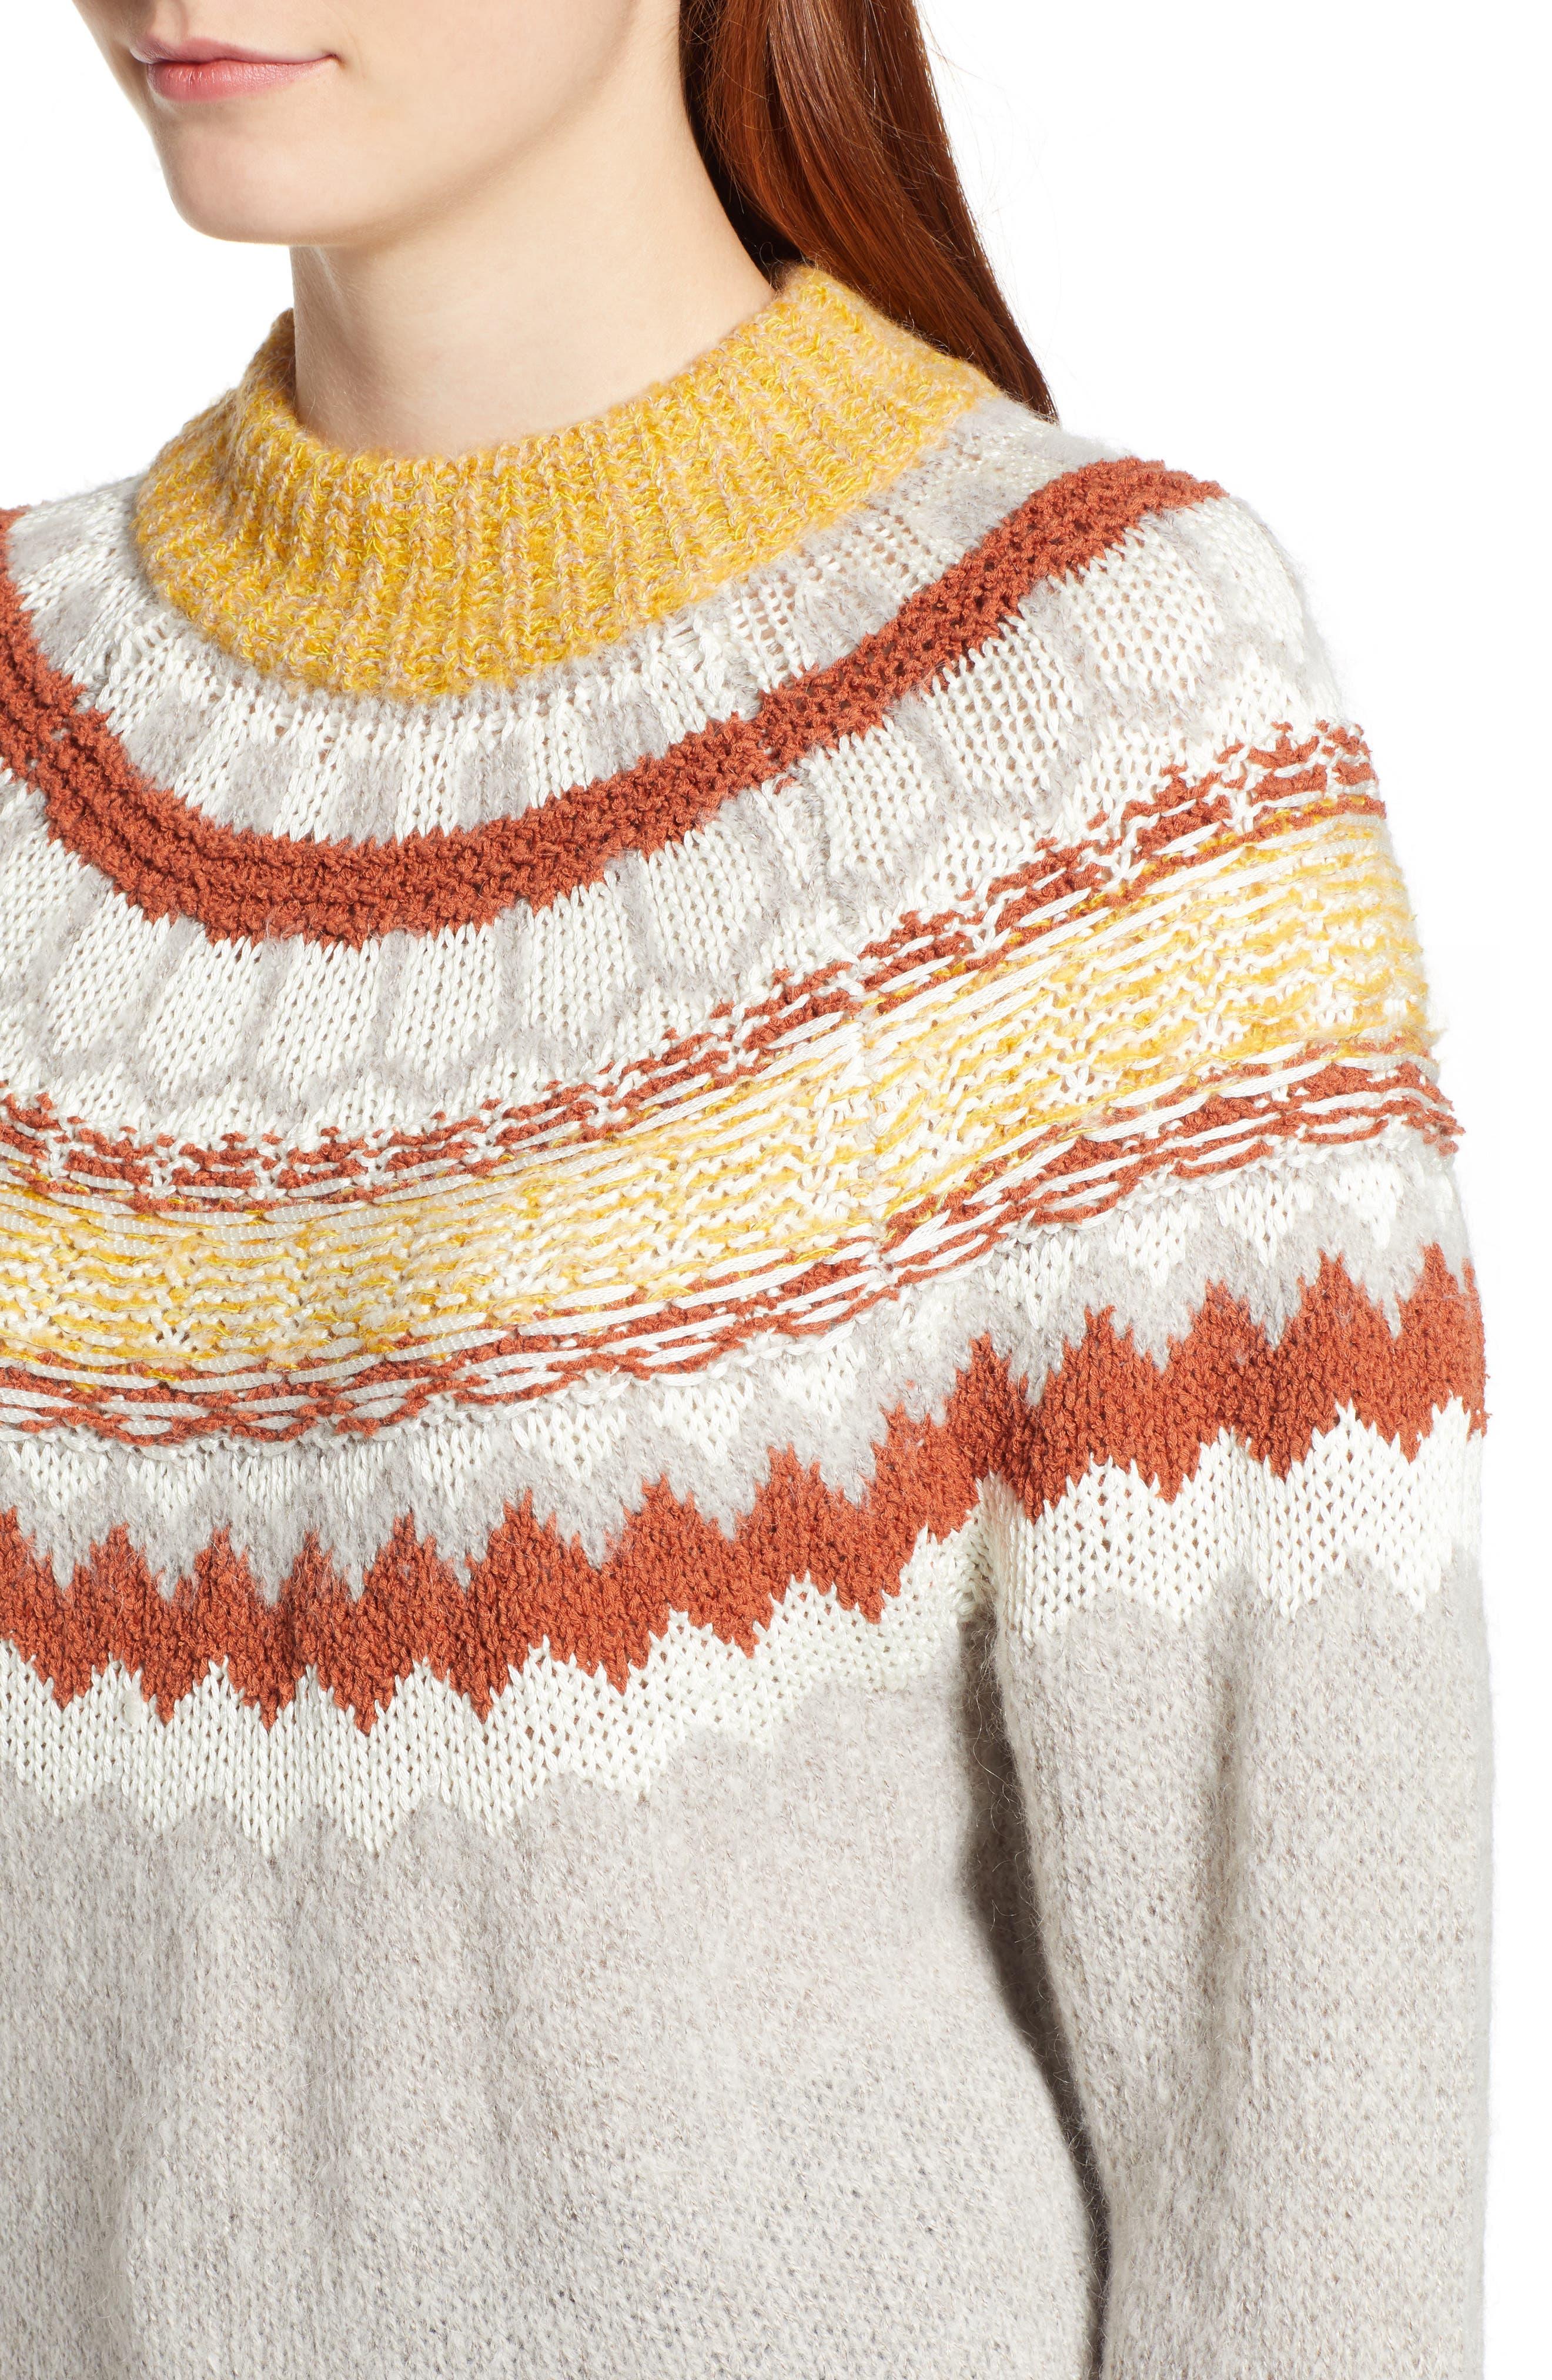 Chunky Jacquard Sweater,                             Alternate thumbnail 4, color,                             TAN FOLIAGE PATTERN